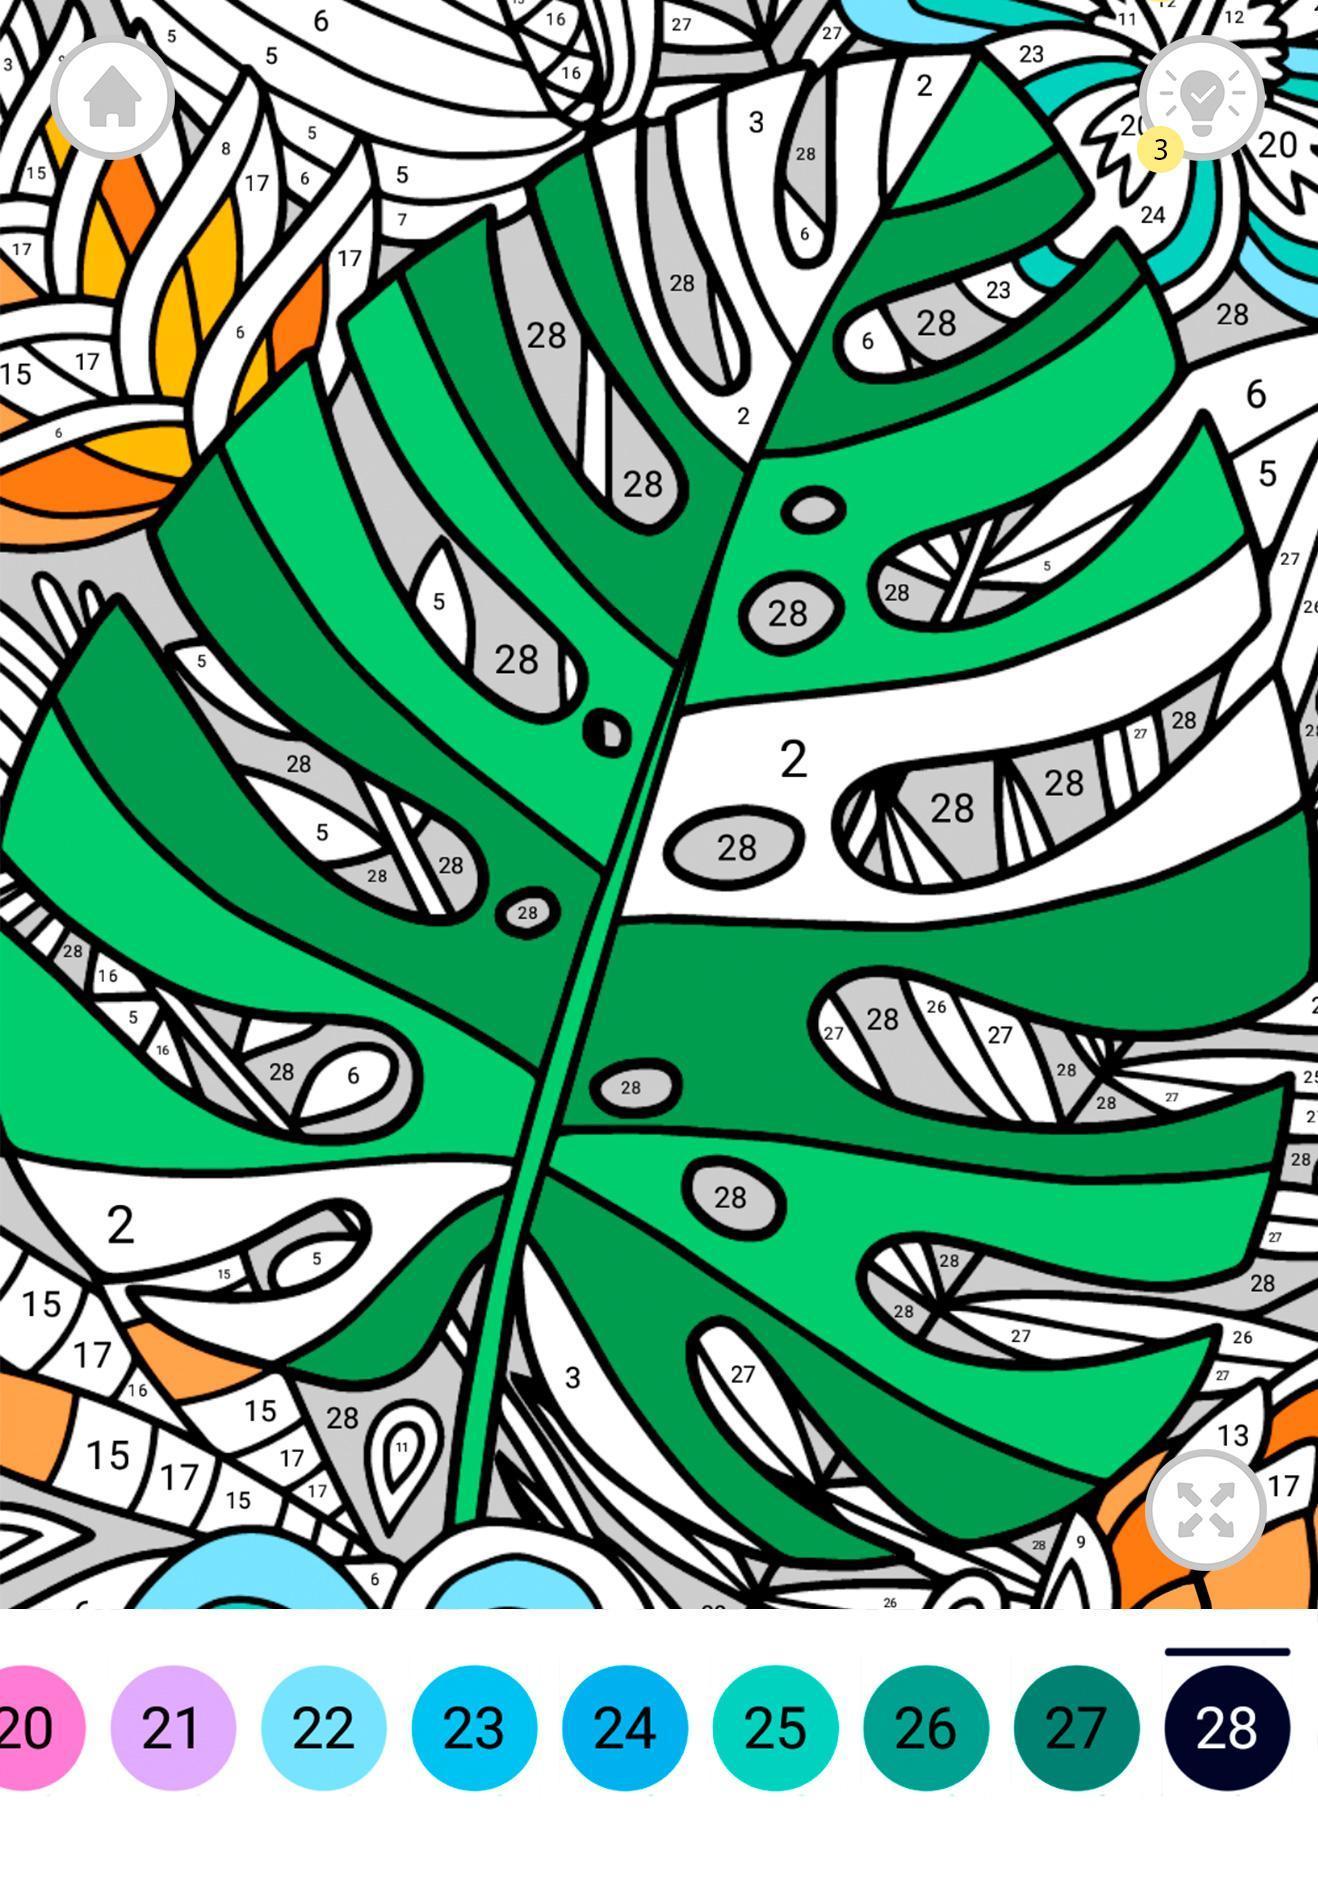 Enjoy Jeux de Coloriage par Numéro pour Android - Téléchargez l'APK